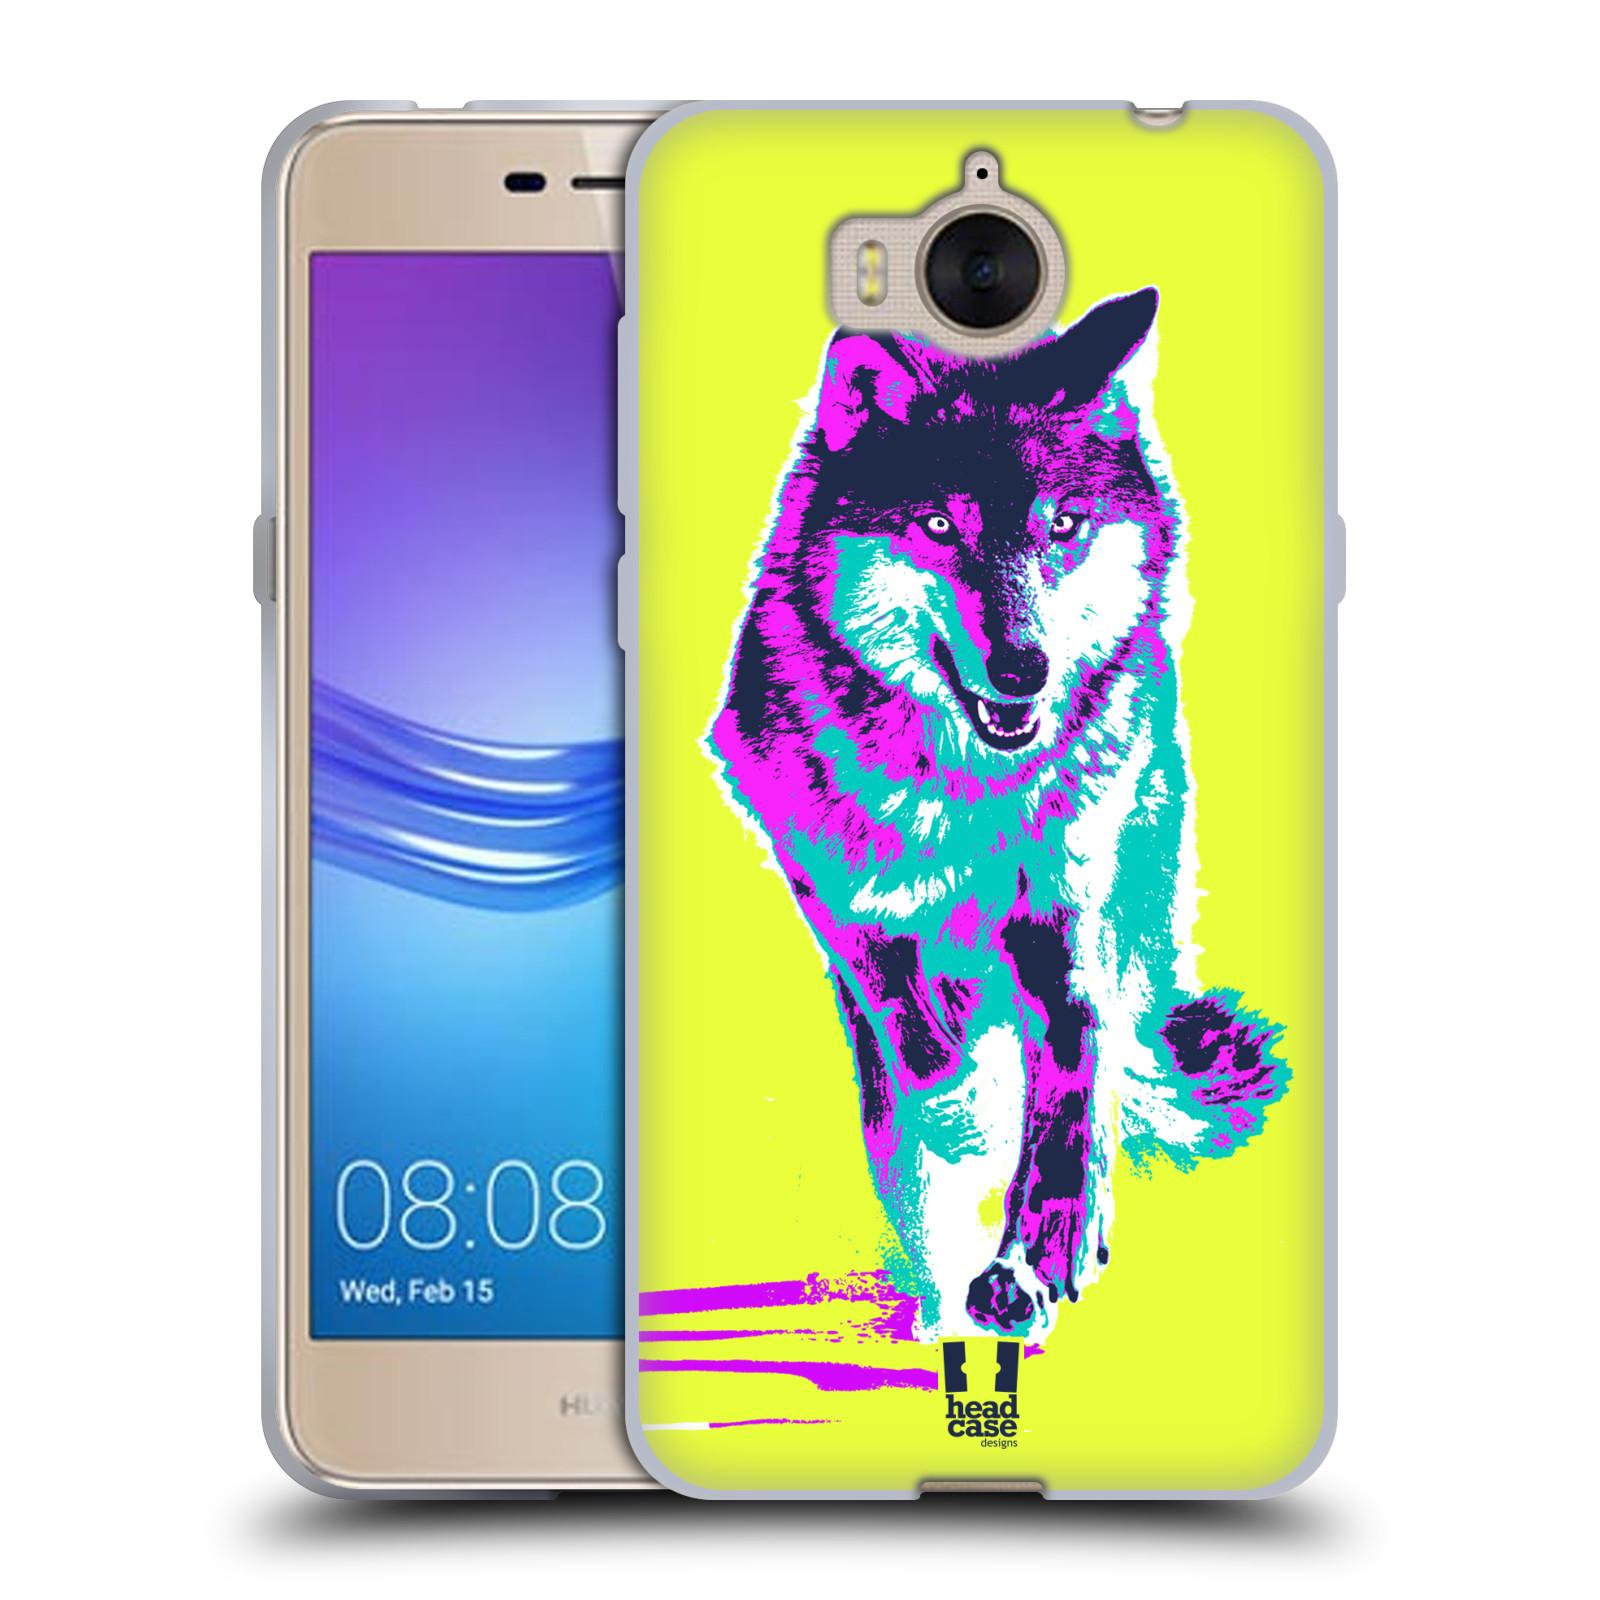 Silikonové pouzdro na mobil Huawei Y6 2017 - Head Case - POP PRINT VLK (Silikonový kryt či obal na mobilní telefon Huawei Y6 (2017) s motivem POP PRINT VLK)